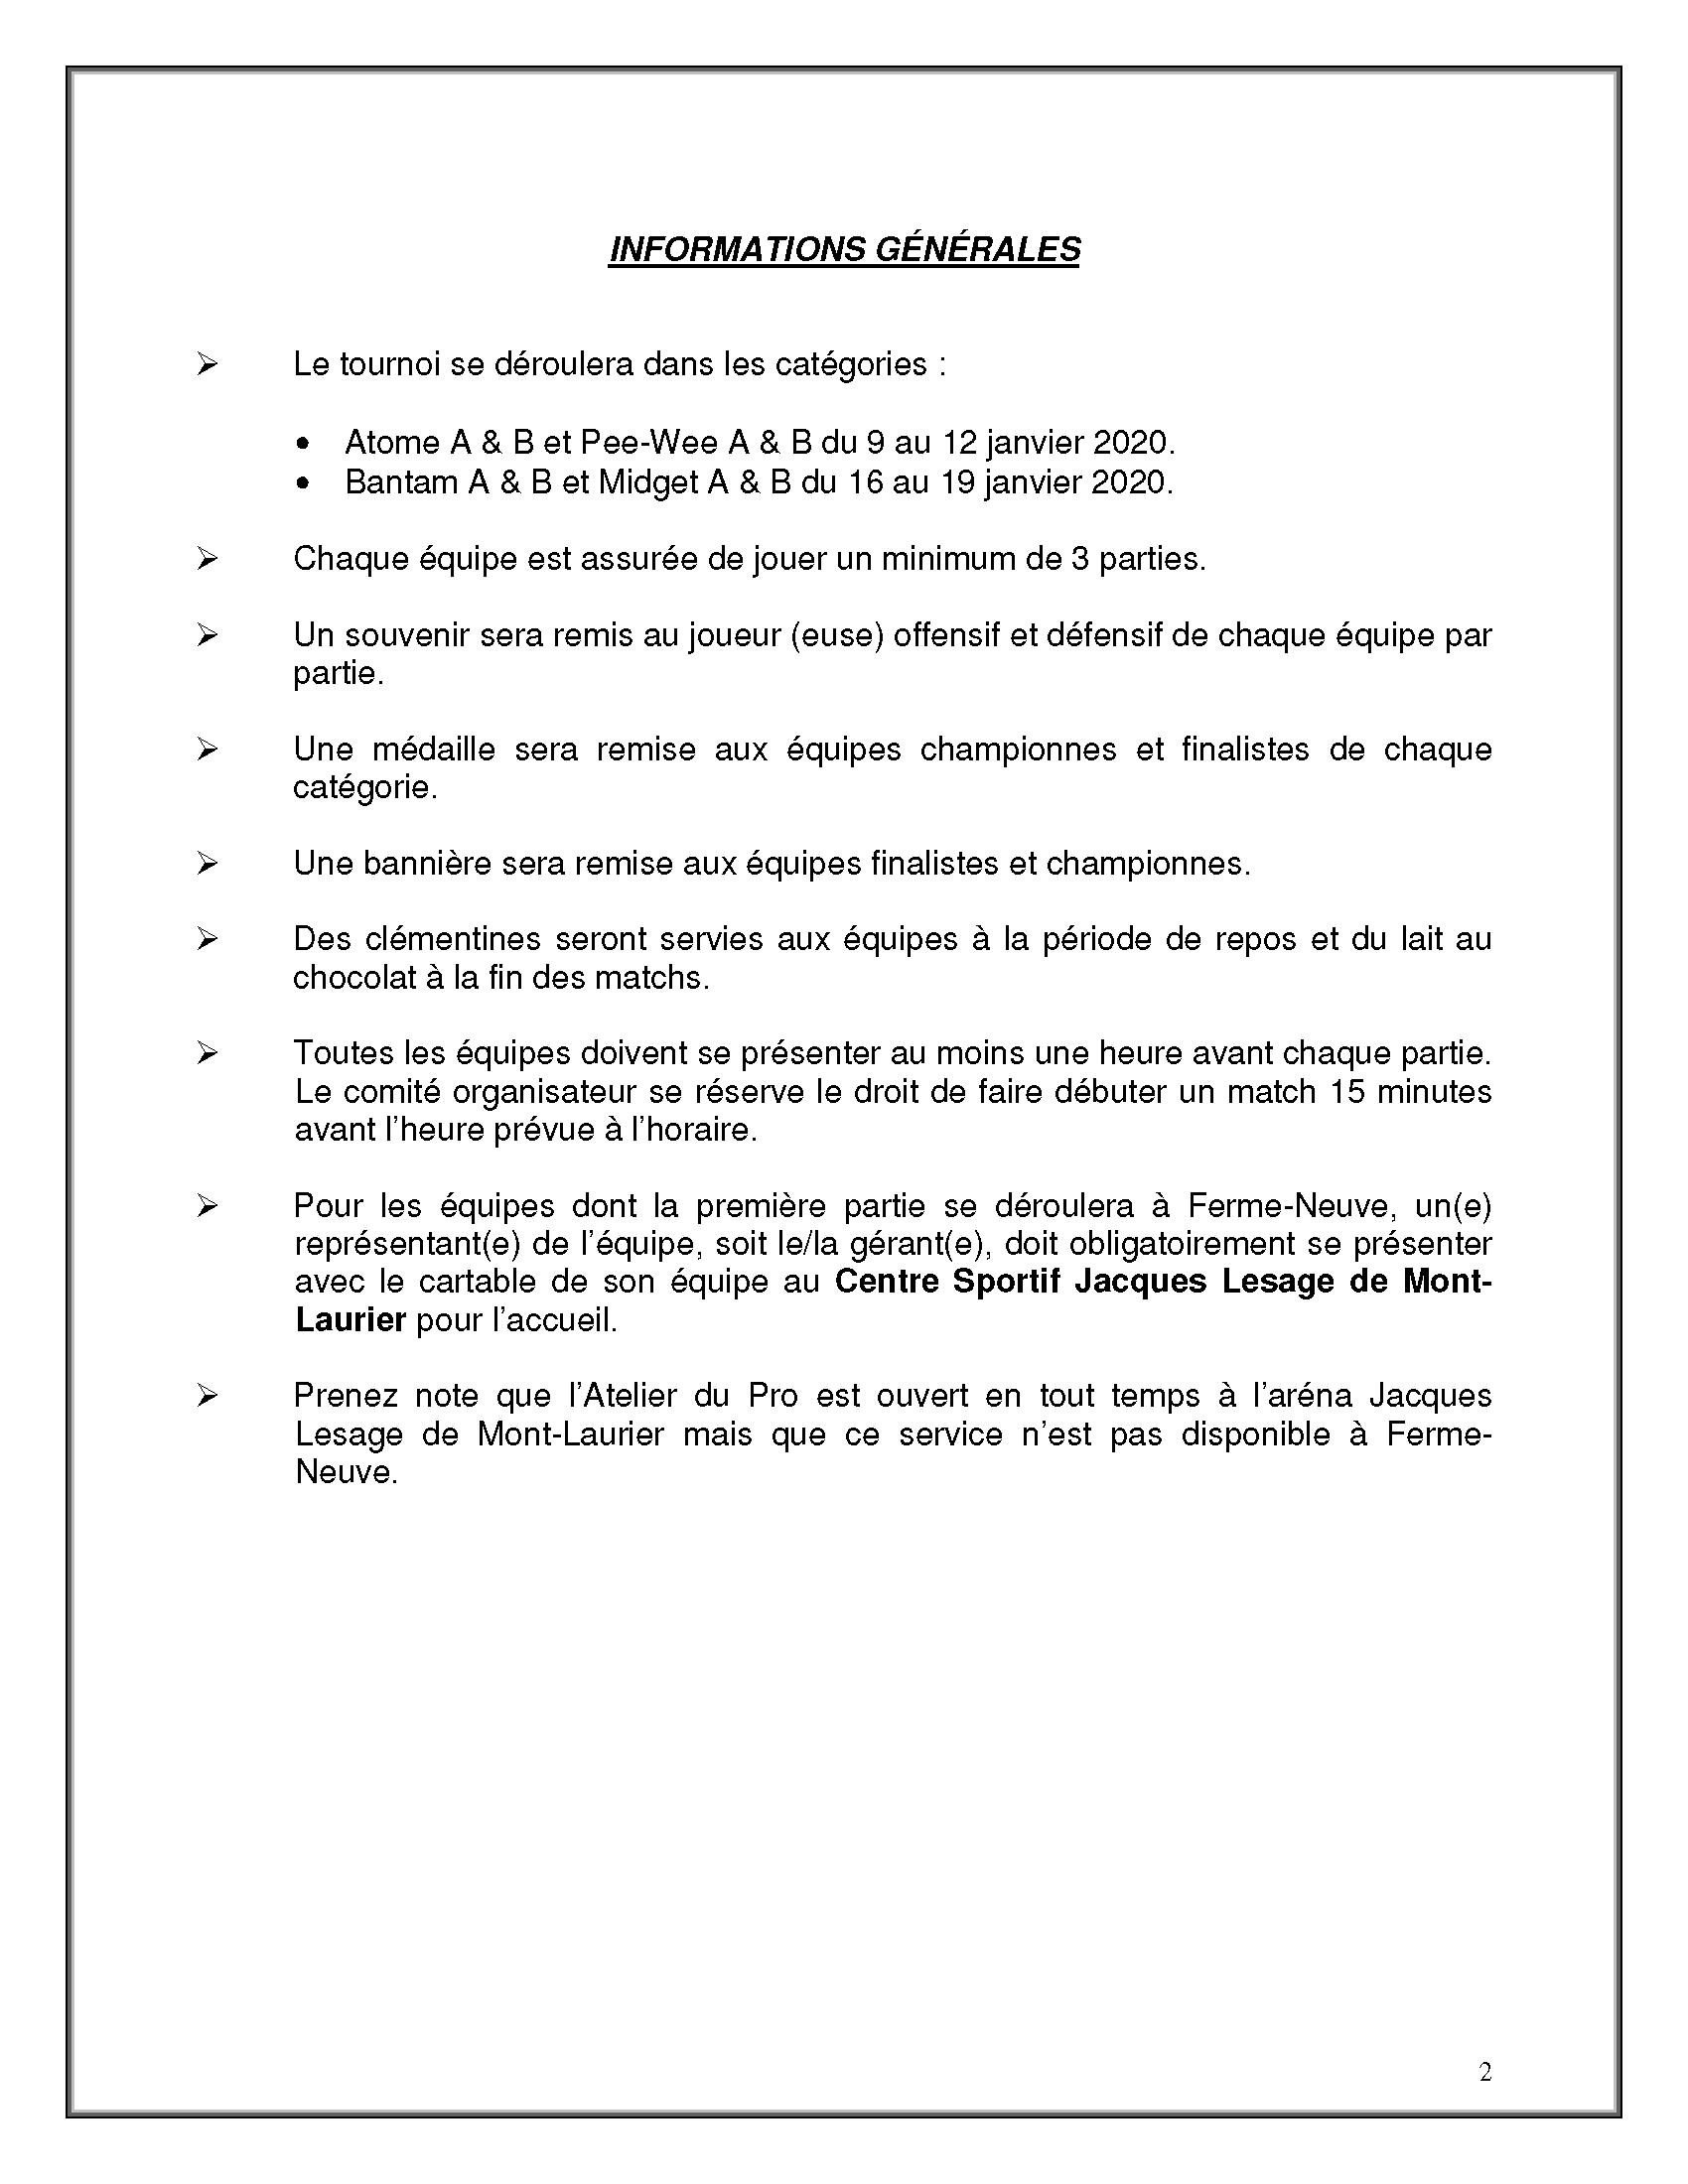 Lettre_et_informations_Richelieu_2020_Page_2.png